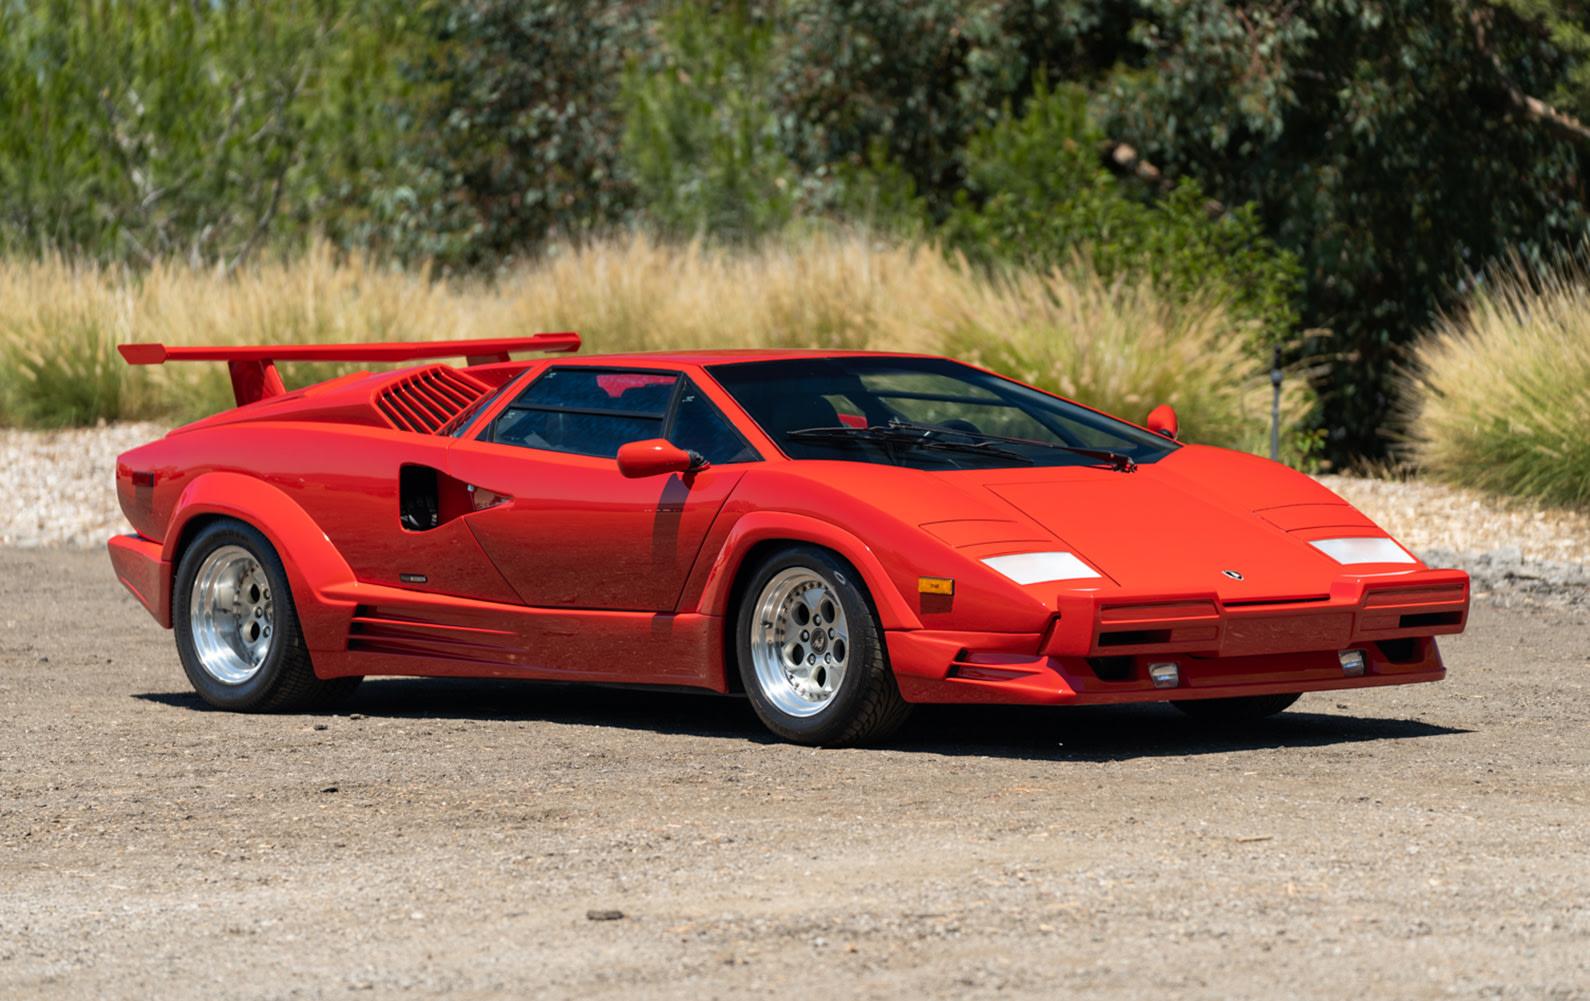 1989 Lamborghini Countach 25th Anniversary Edition (1)